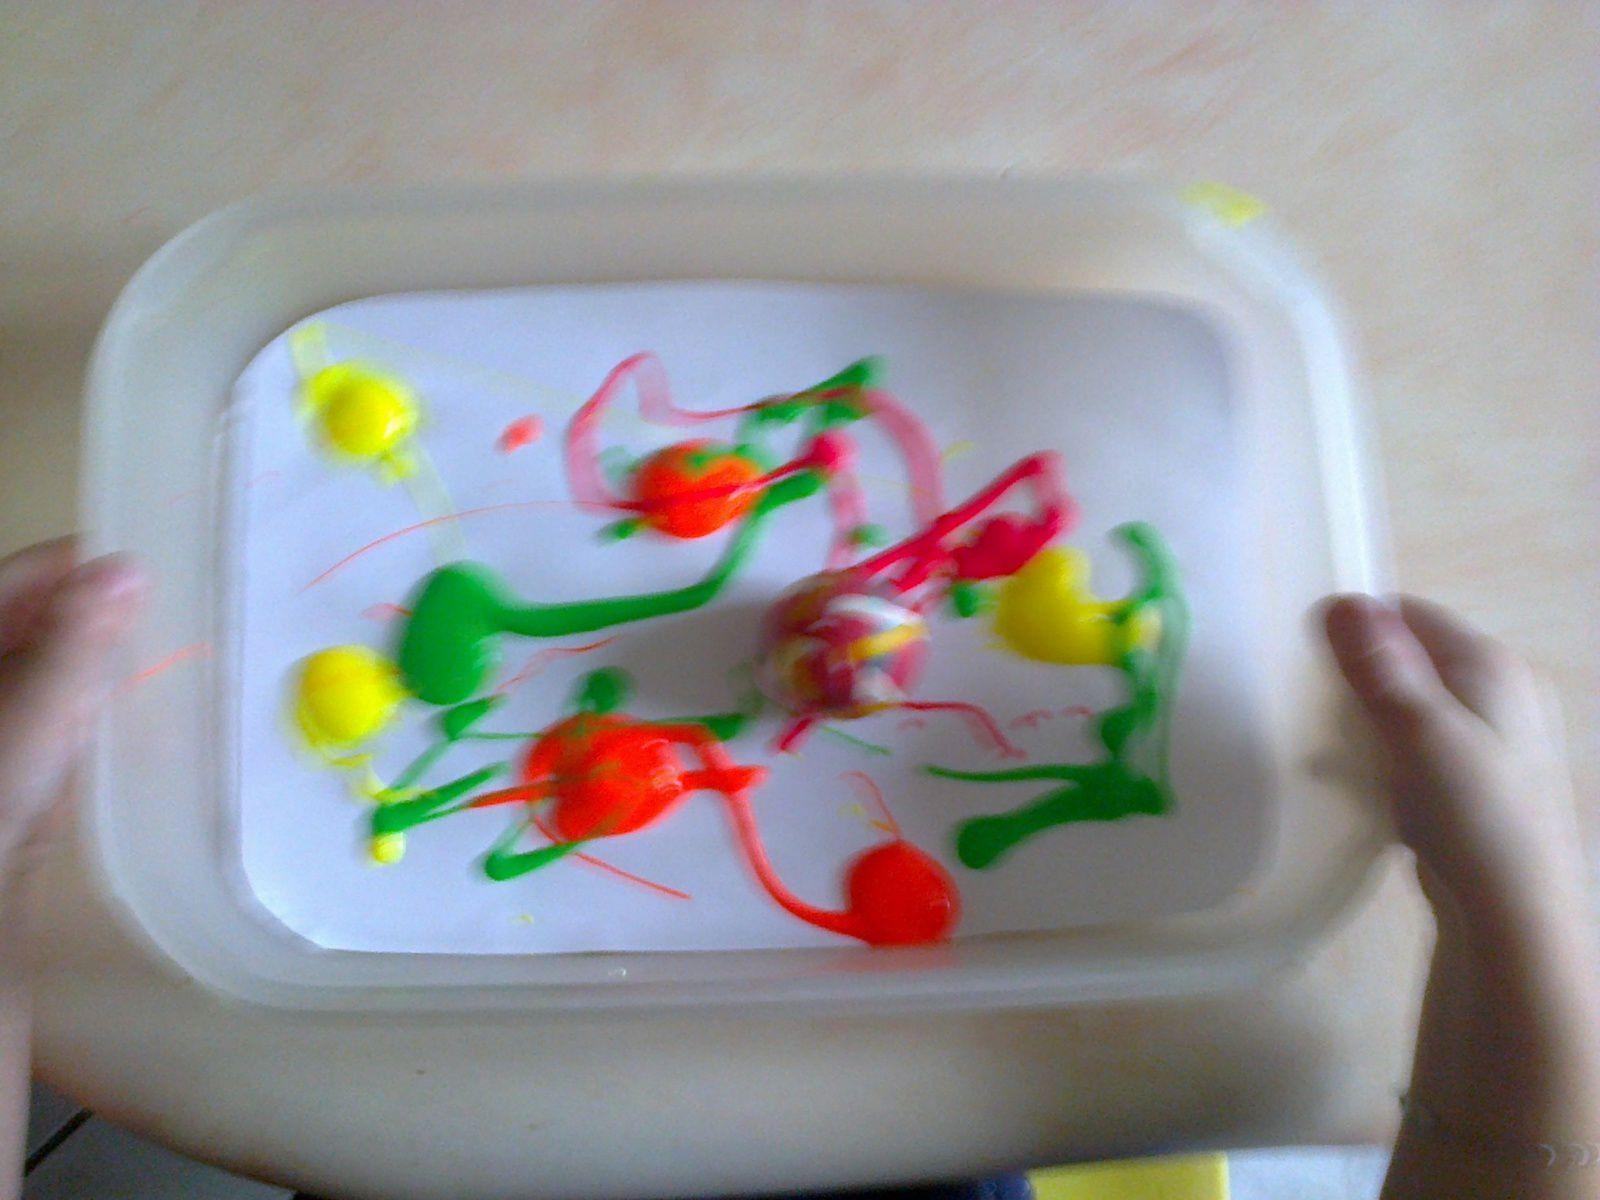 Petit jeu amusant avec de la peinture